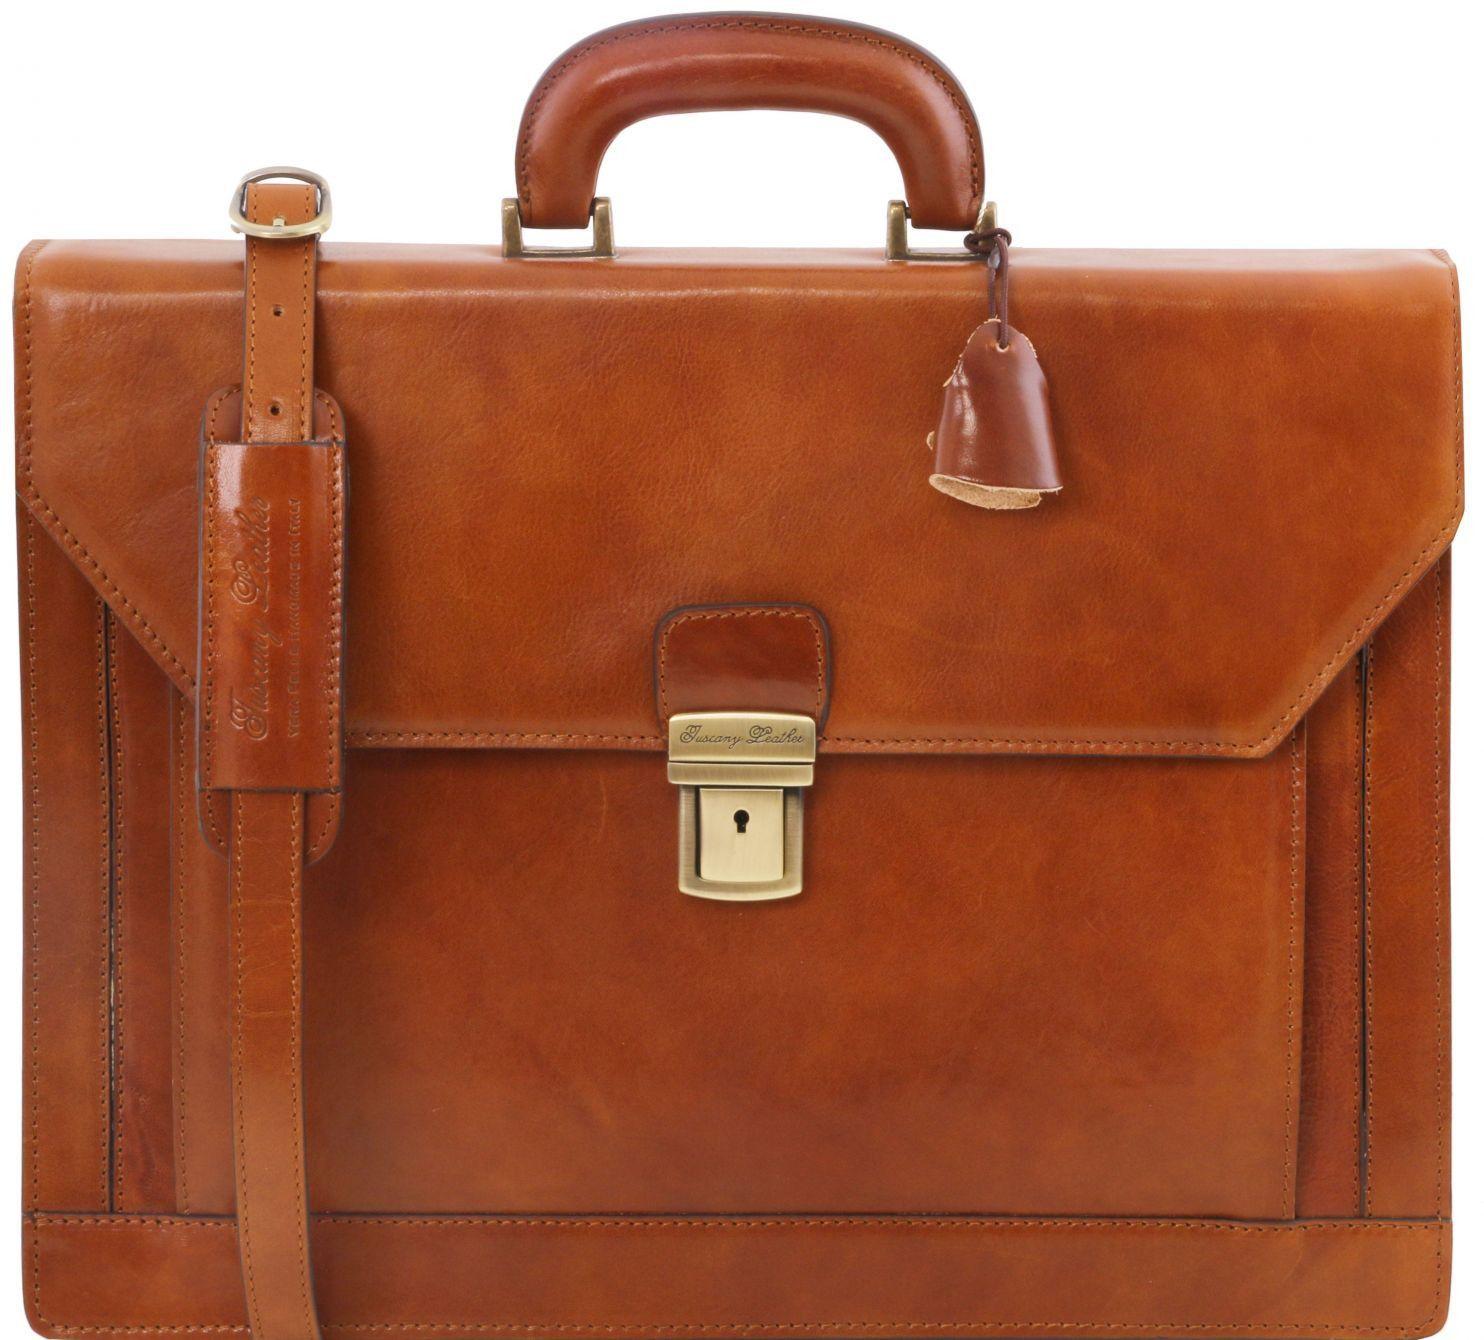 77d5991d41 Επαγγελματική Τσάντα Δερμάτινη Napoli Μελί Tuscany Leather